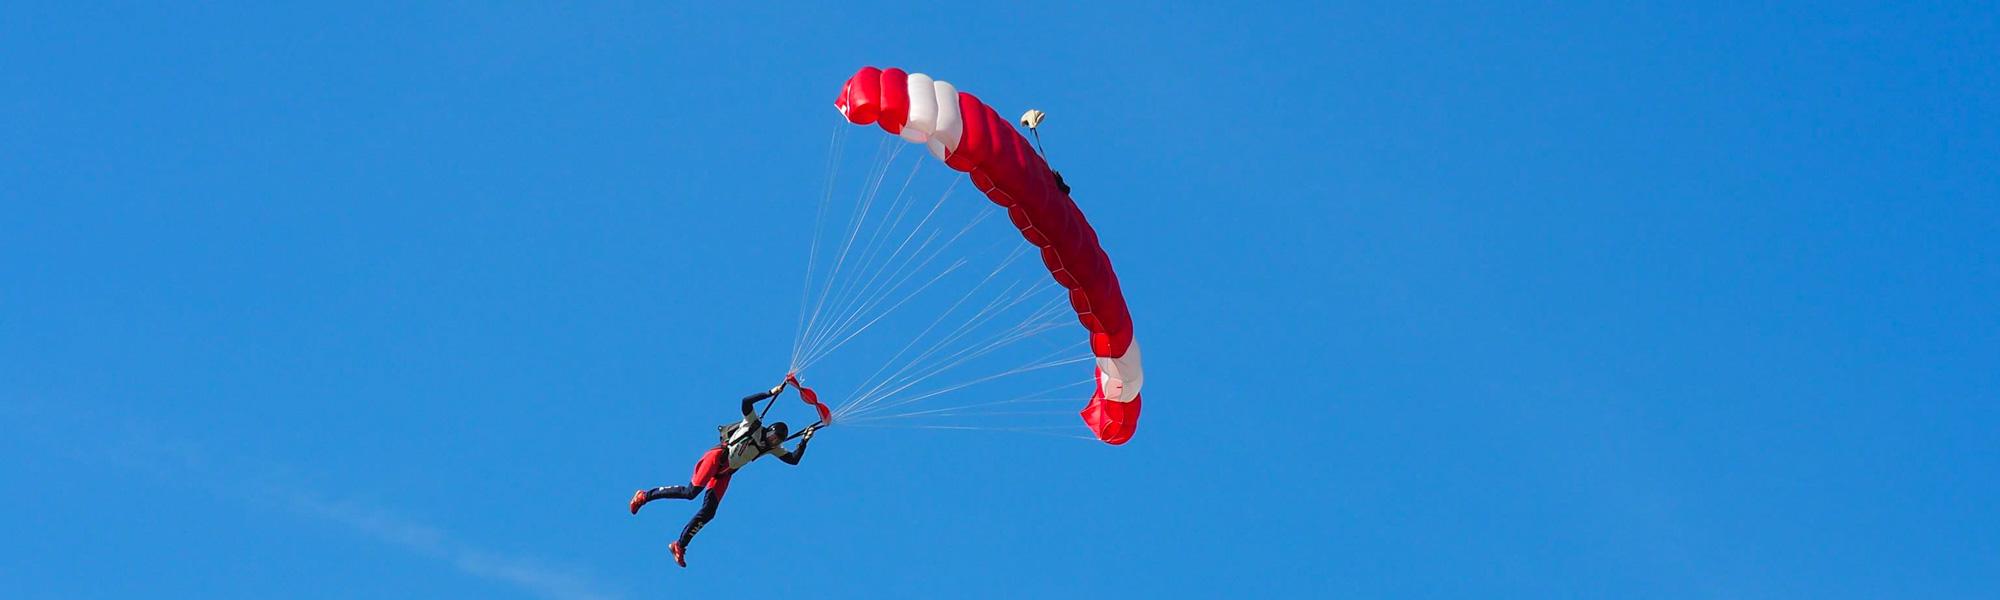 Landeanflug © skydive-mv.de